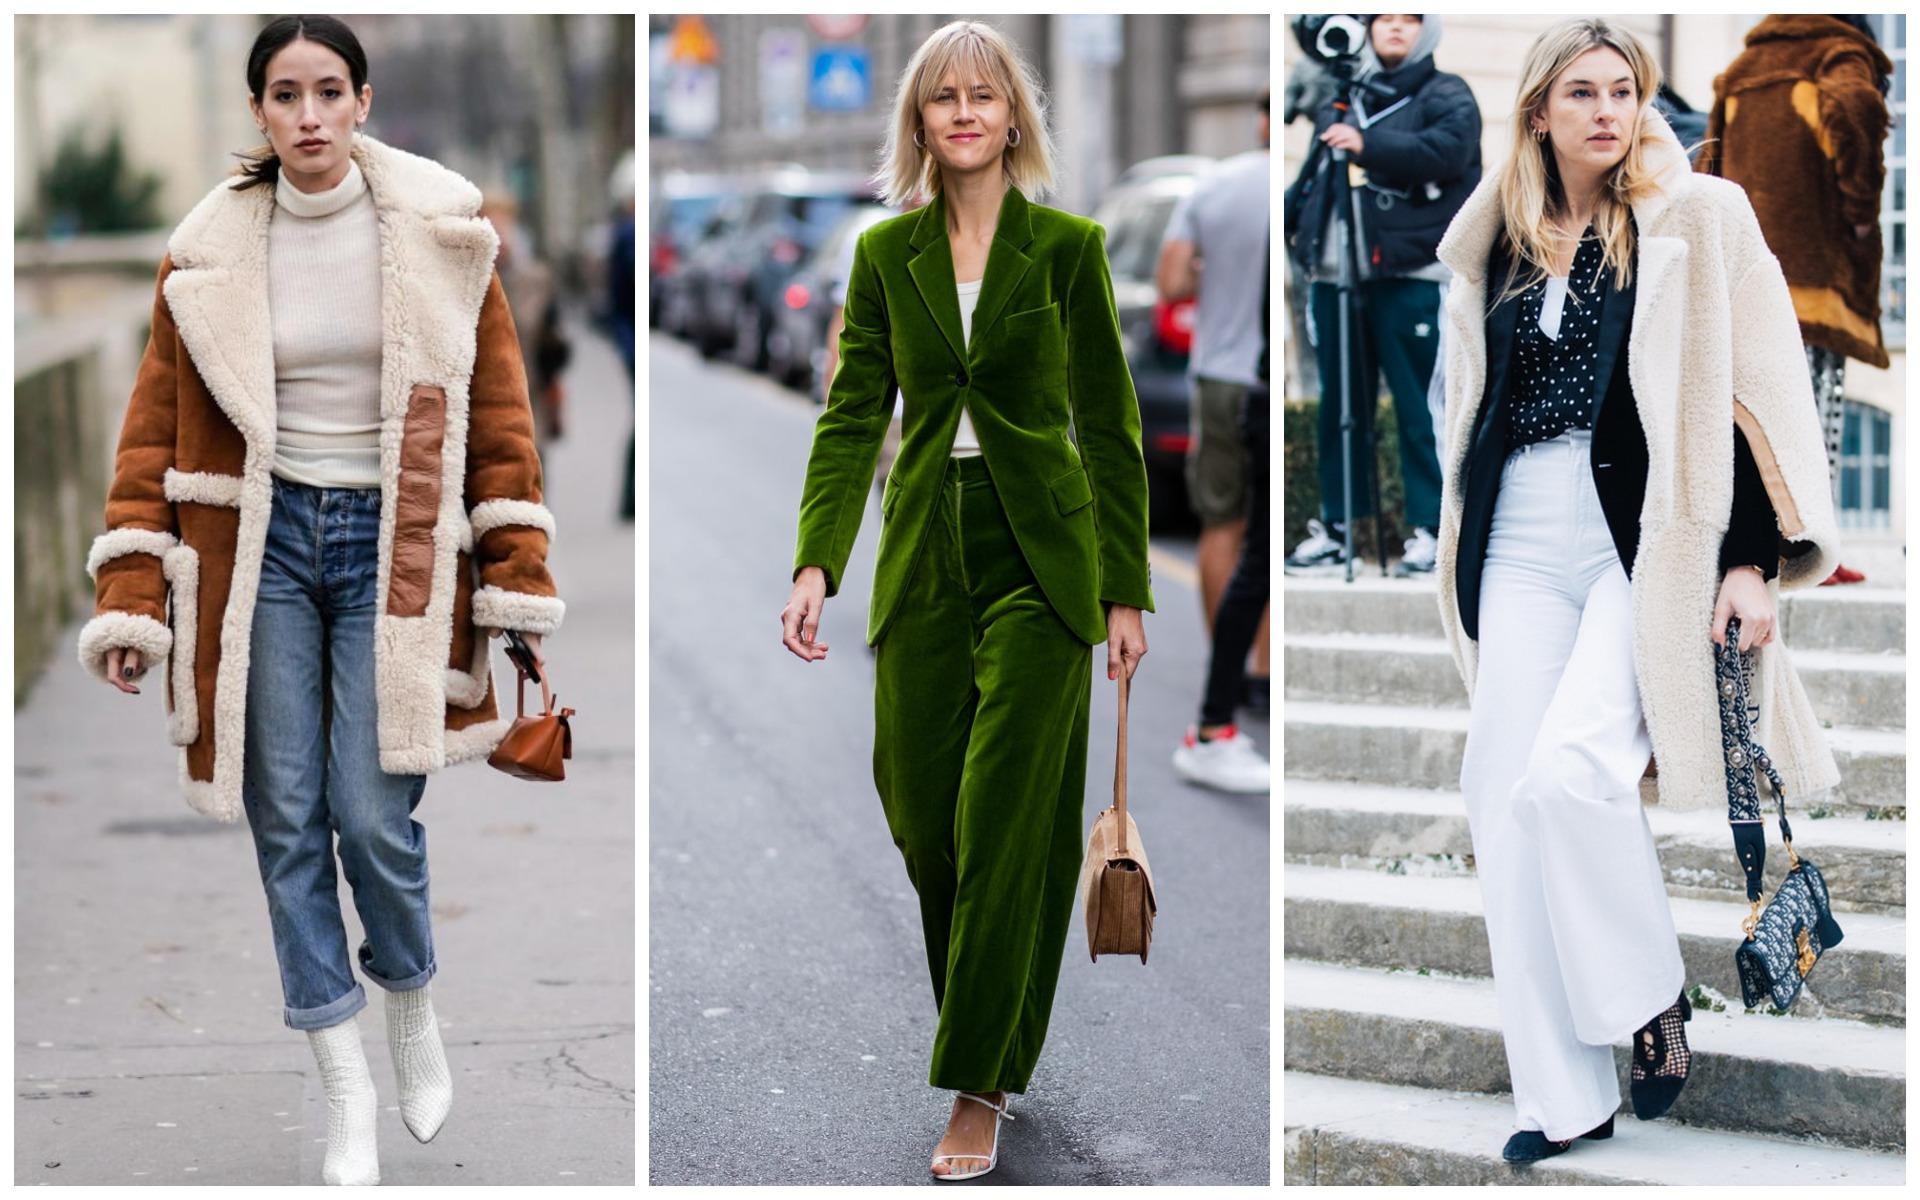 Зимний гардероб: как не выглядеть серо и невзрачно